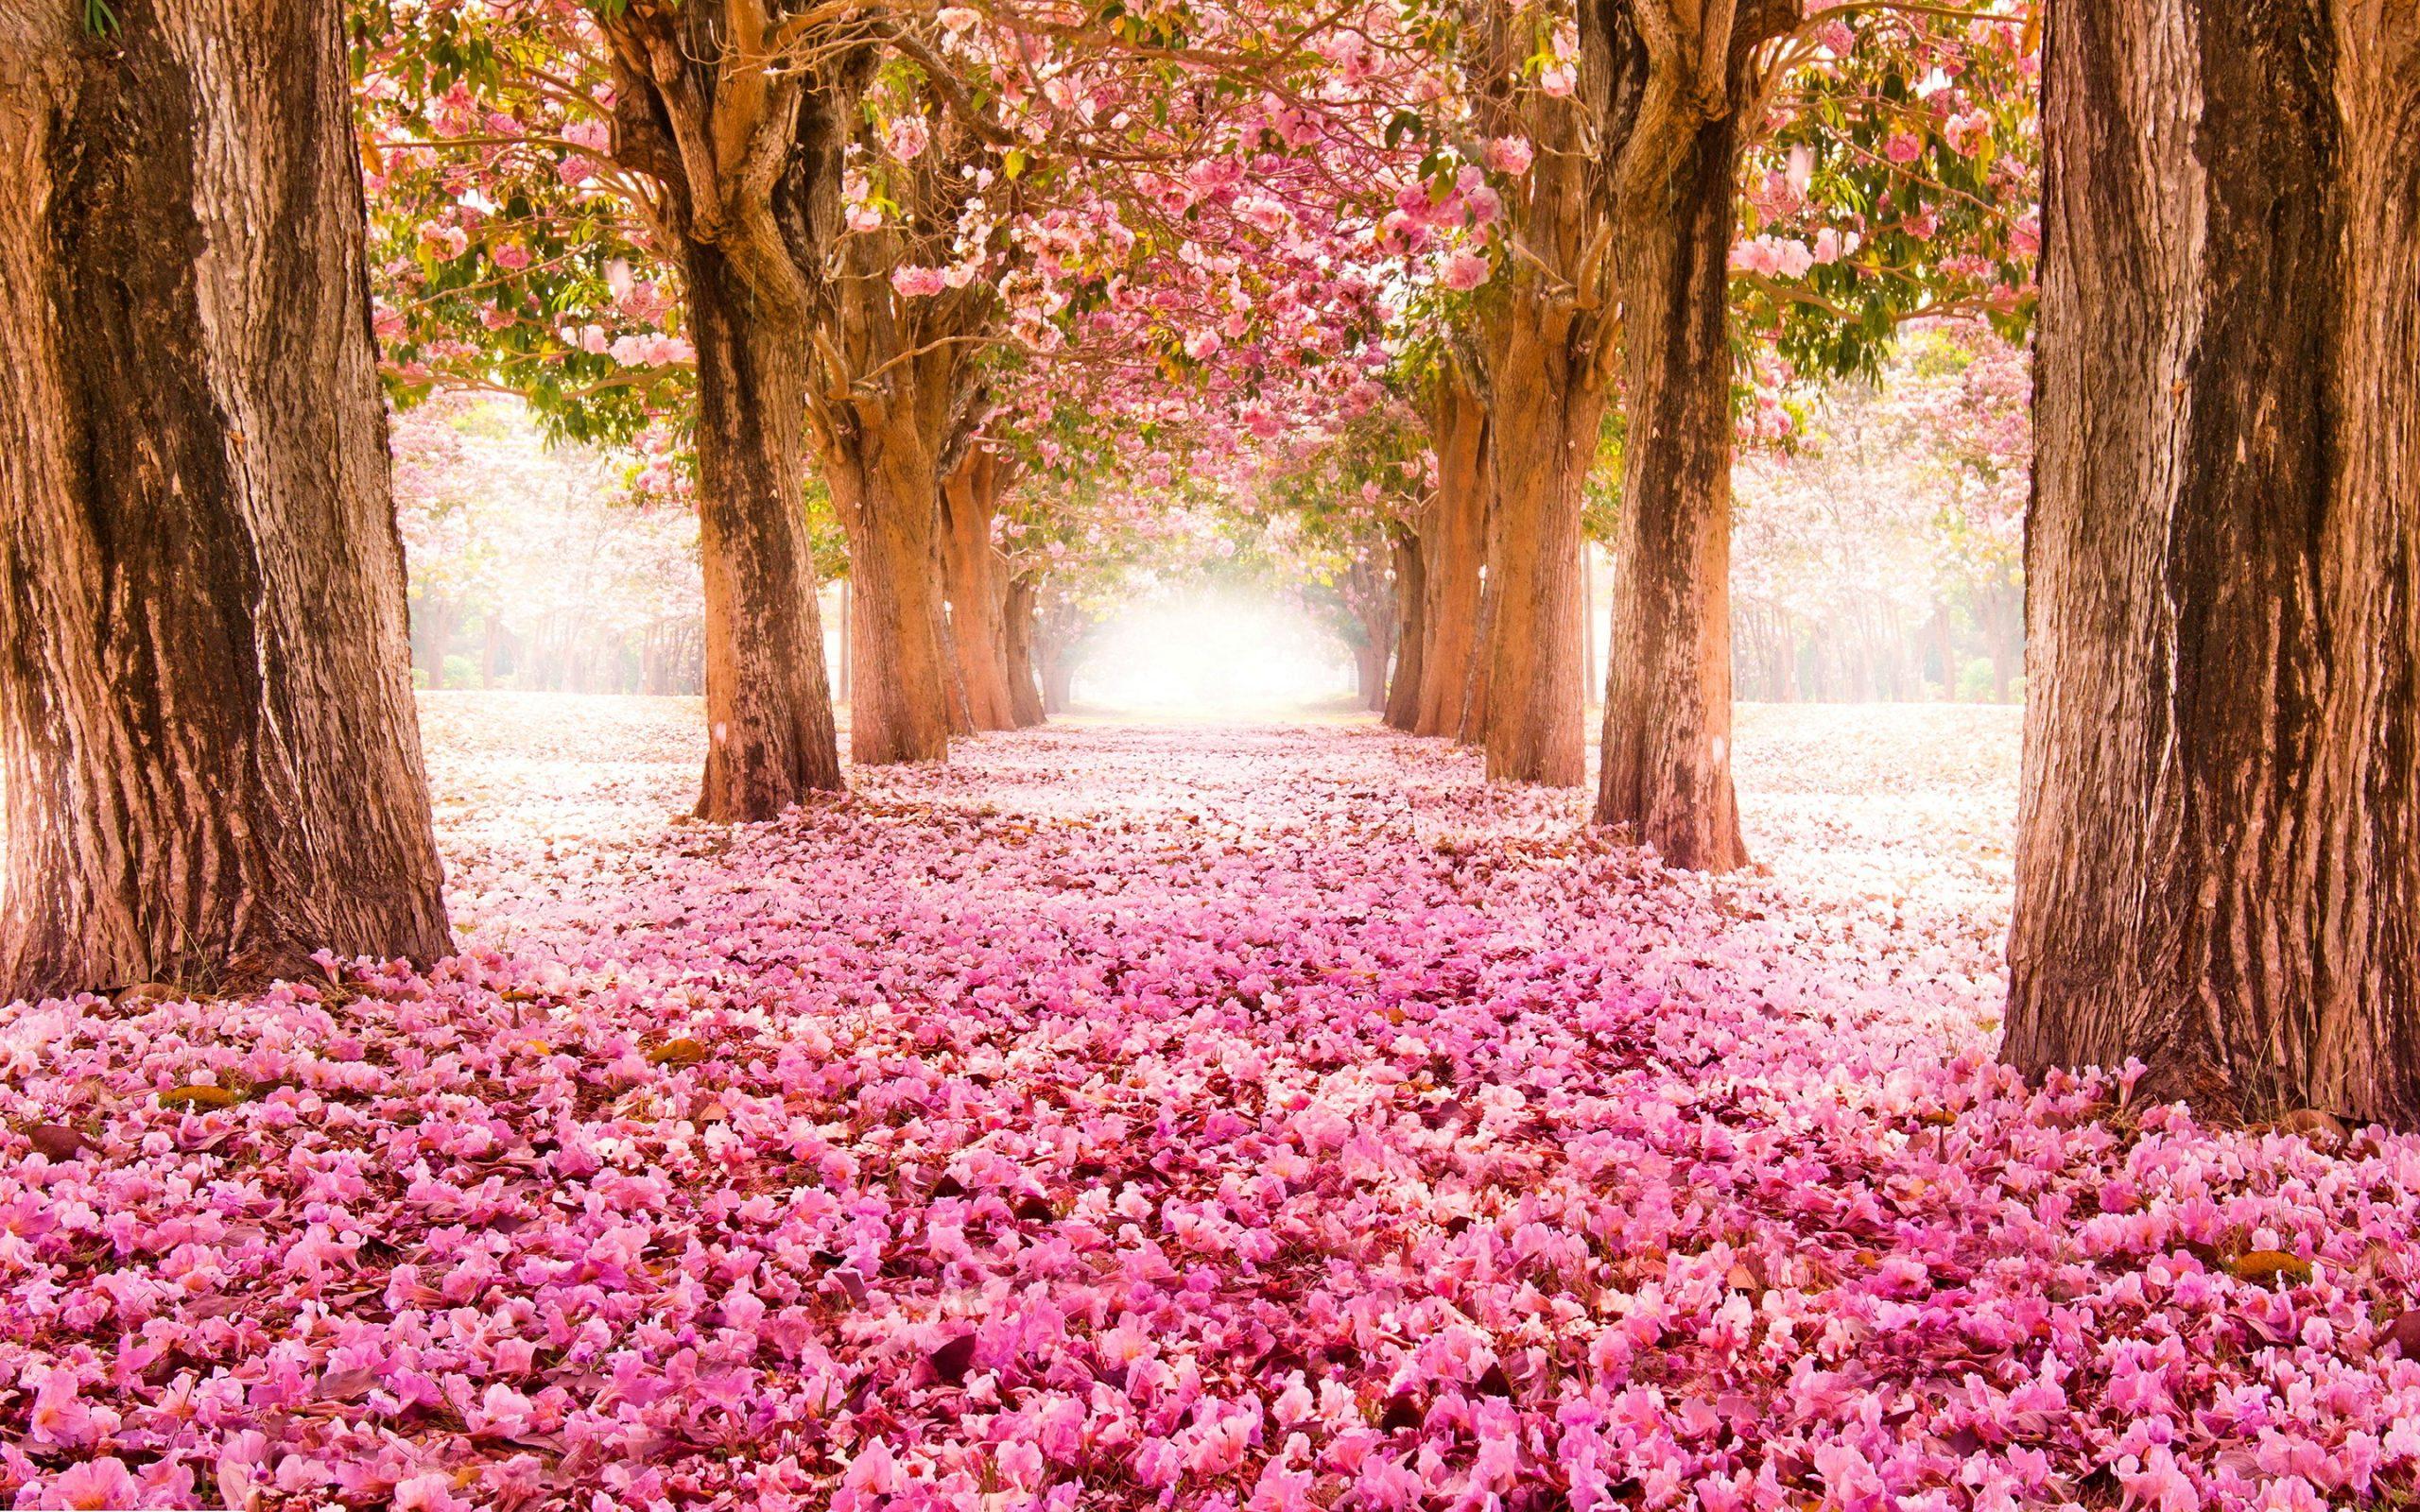 بهار فصل آلرژی / تغذیه در فصل بهار چگونه باشد؟ / روز بیست و سوم شکرگزاری